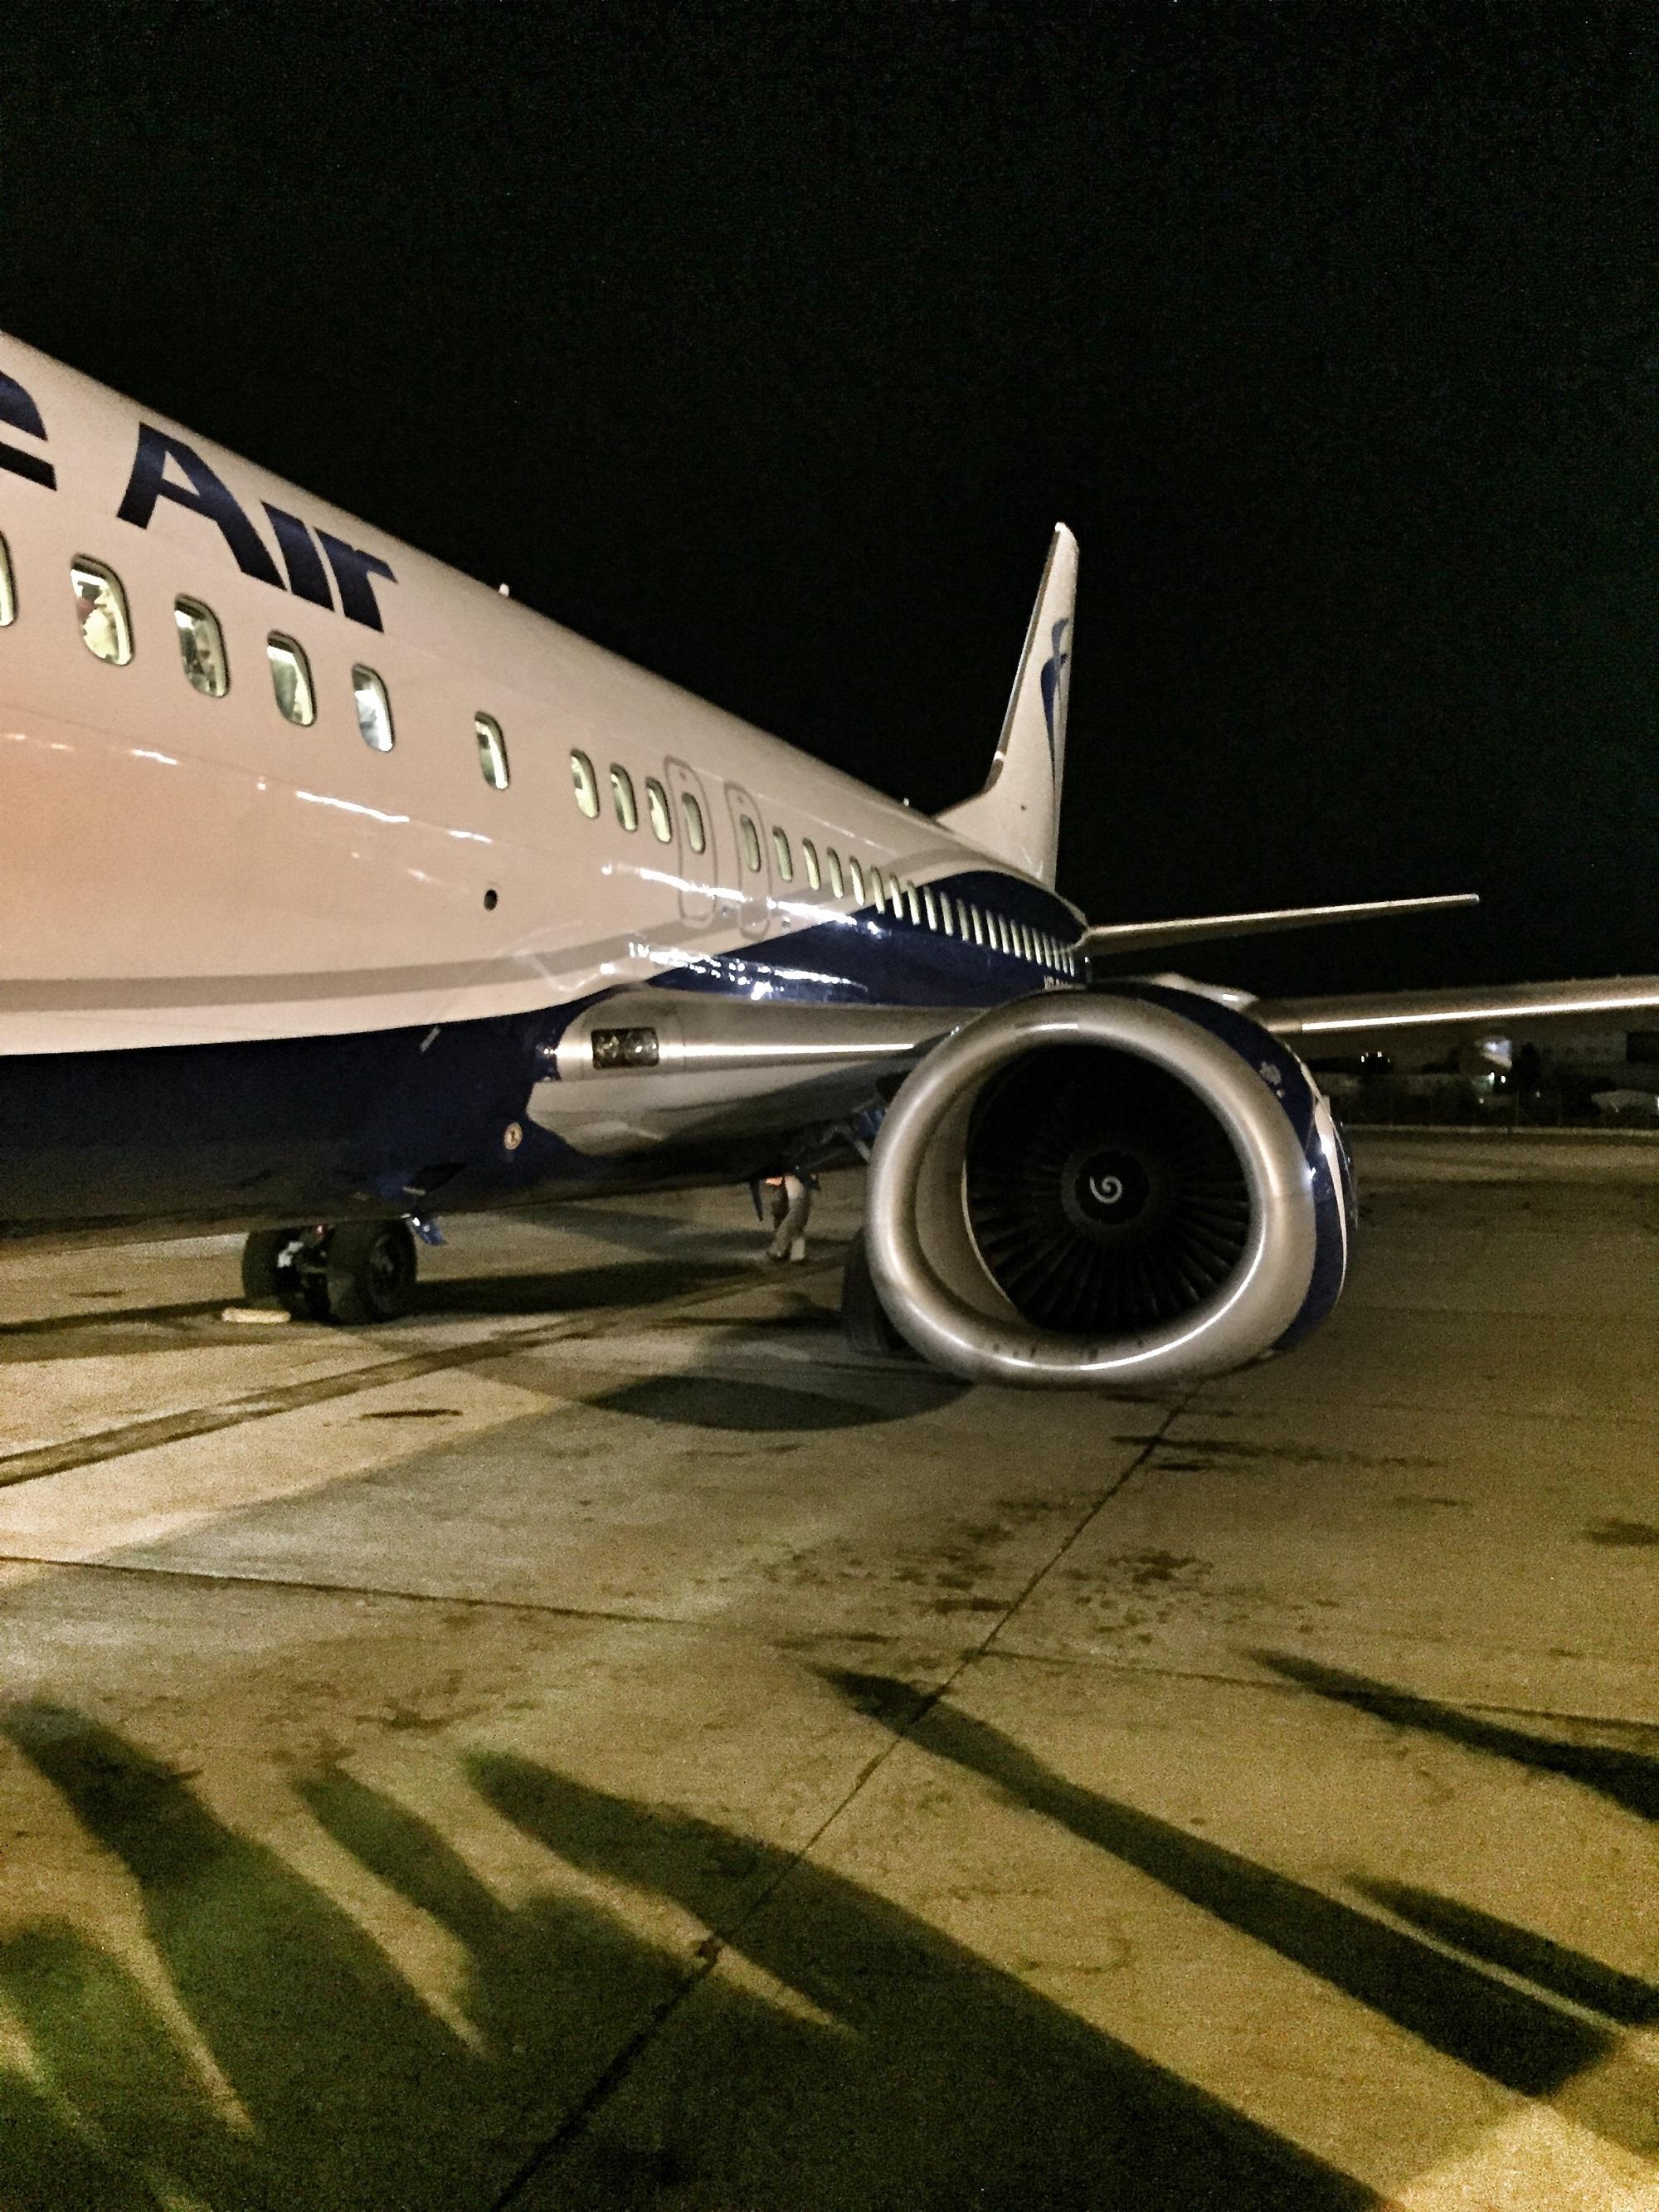 Zboruri directe cu Blue Air din Iasi spre Cluj si Timisoara din octombrie